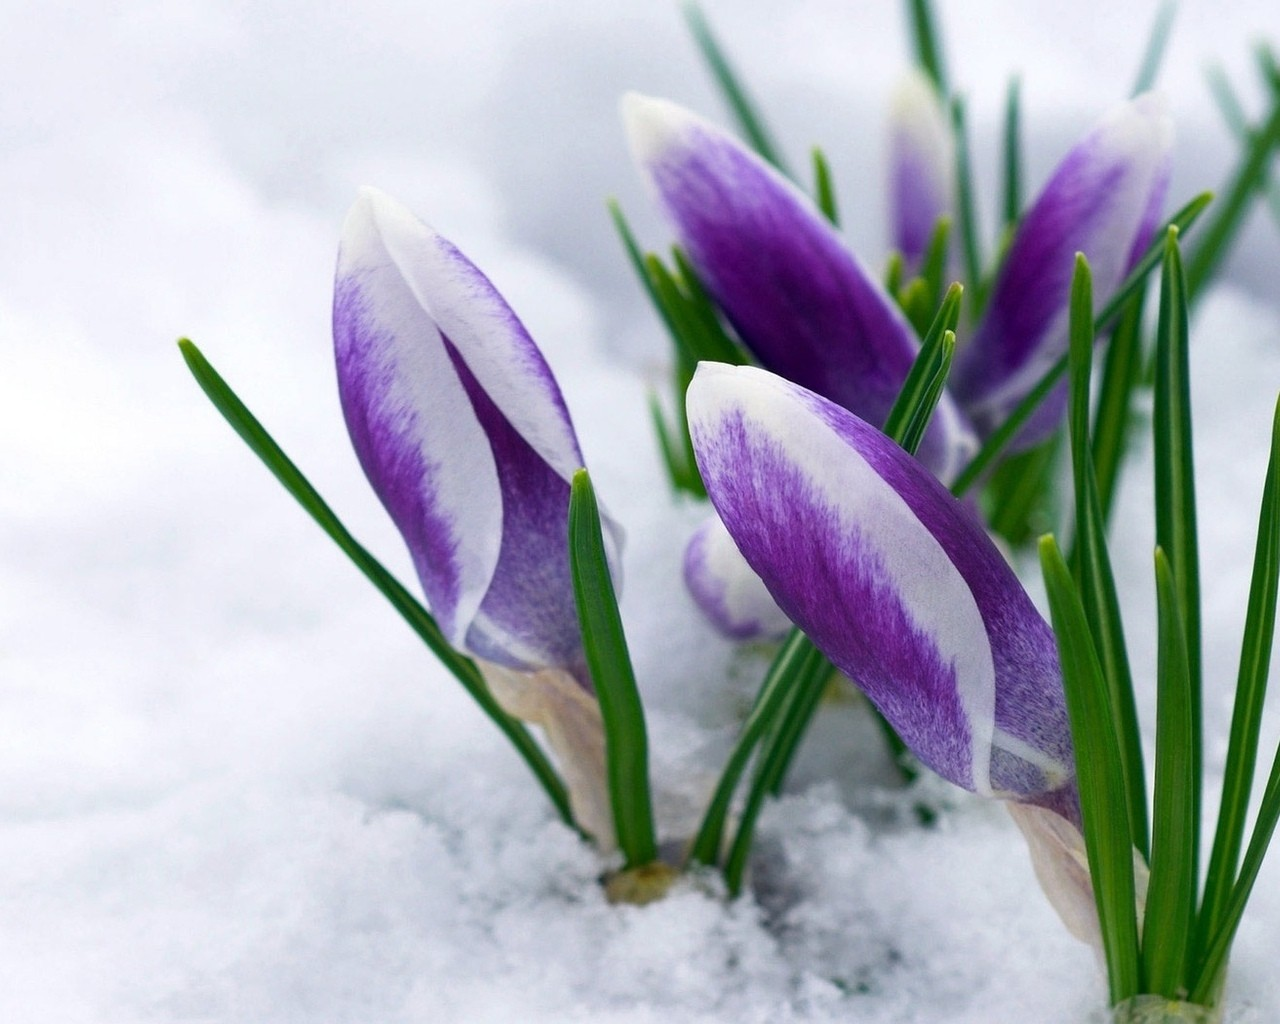 симпатичны фото с первым днем весны подснежники декорация украсит горшок